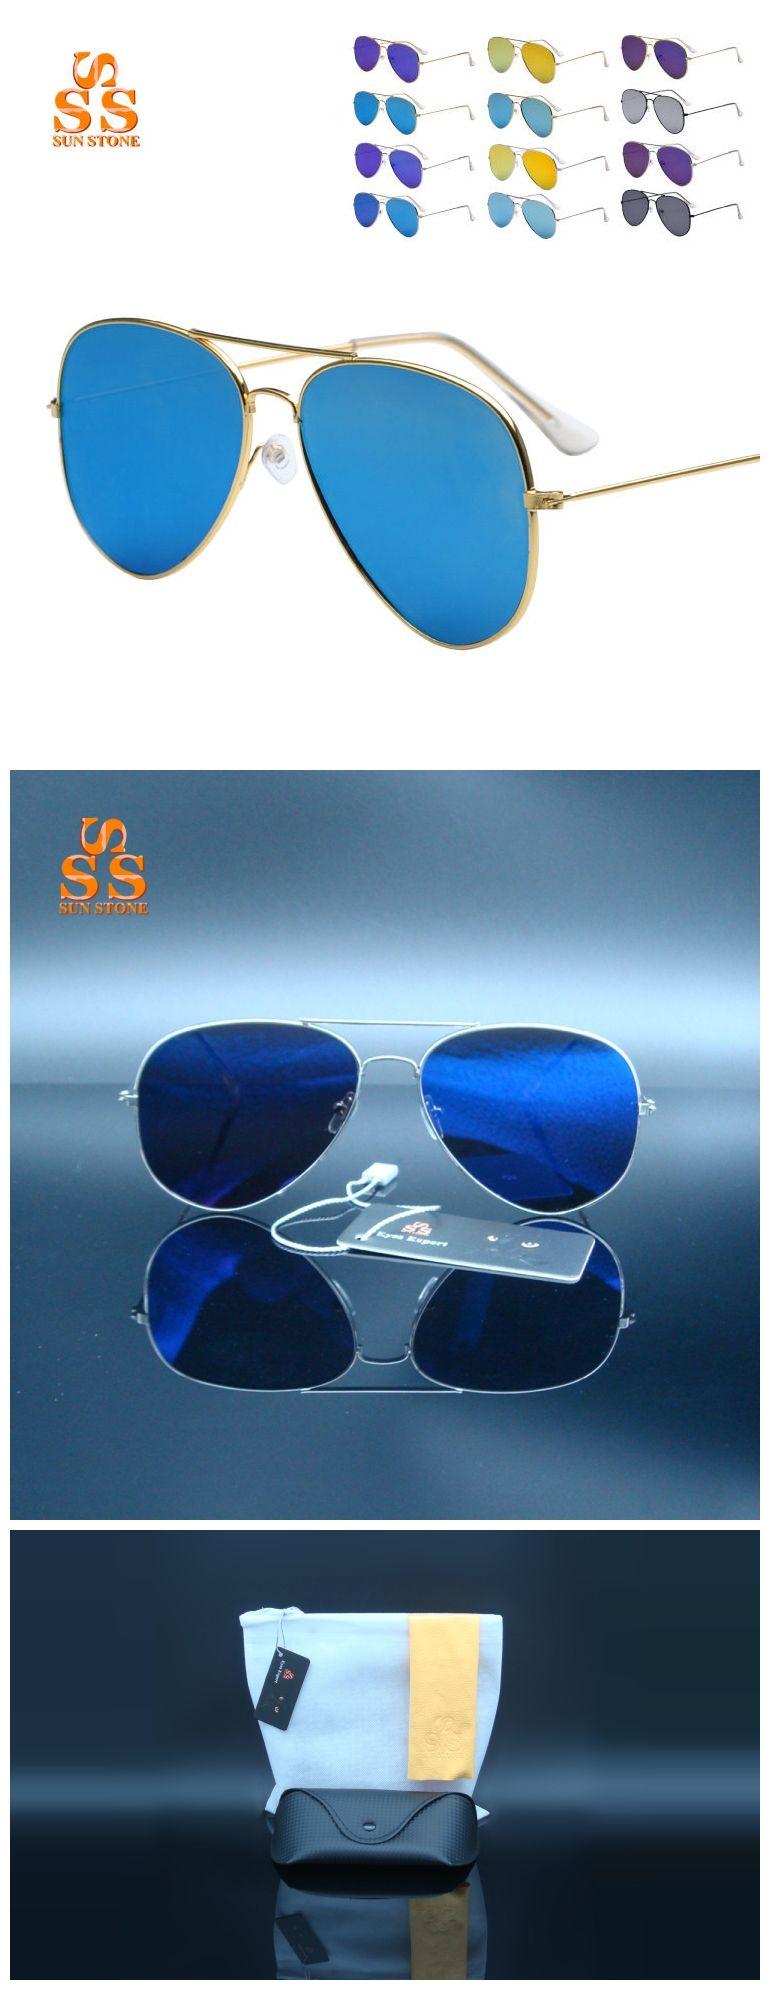 Mens Sunglasses Brands Logos